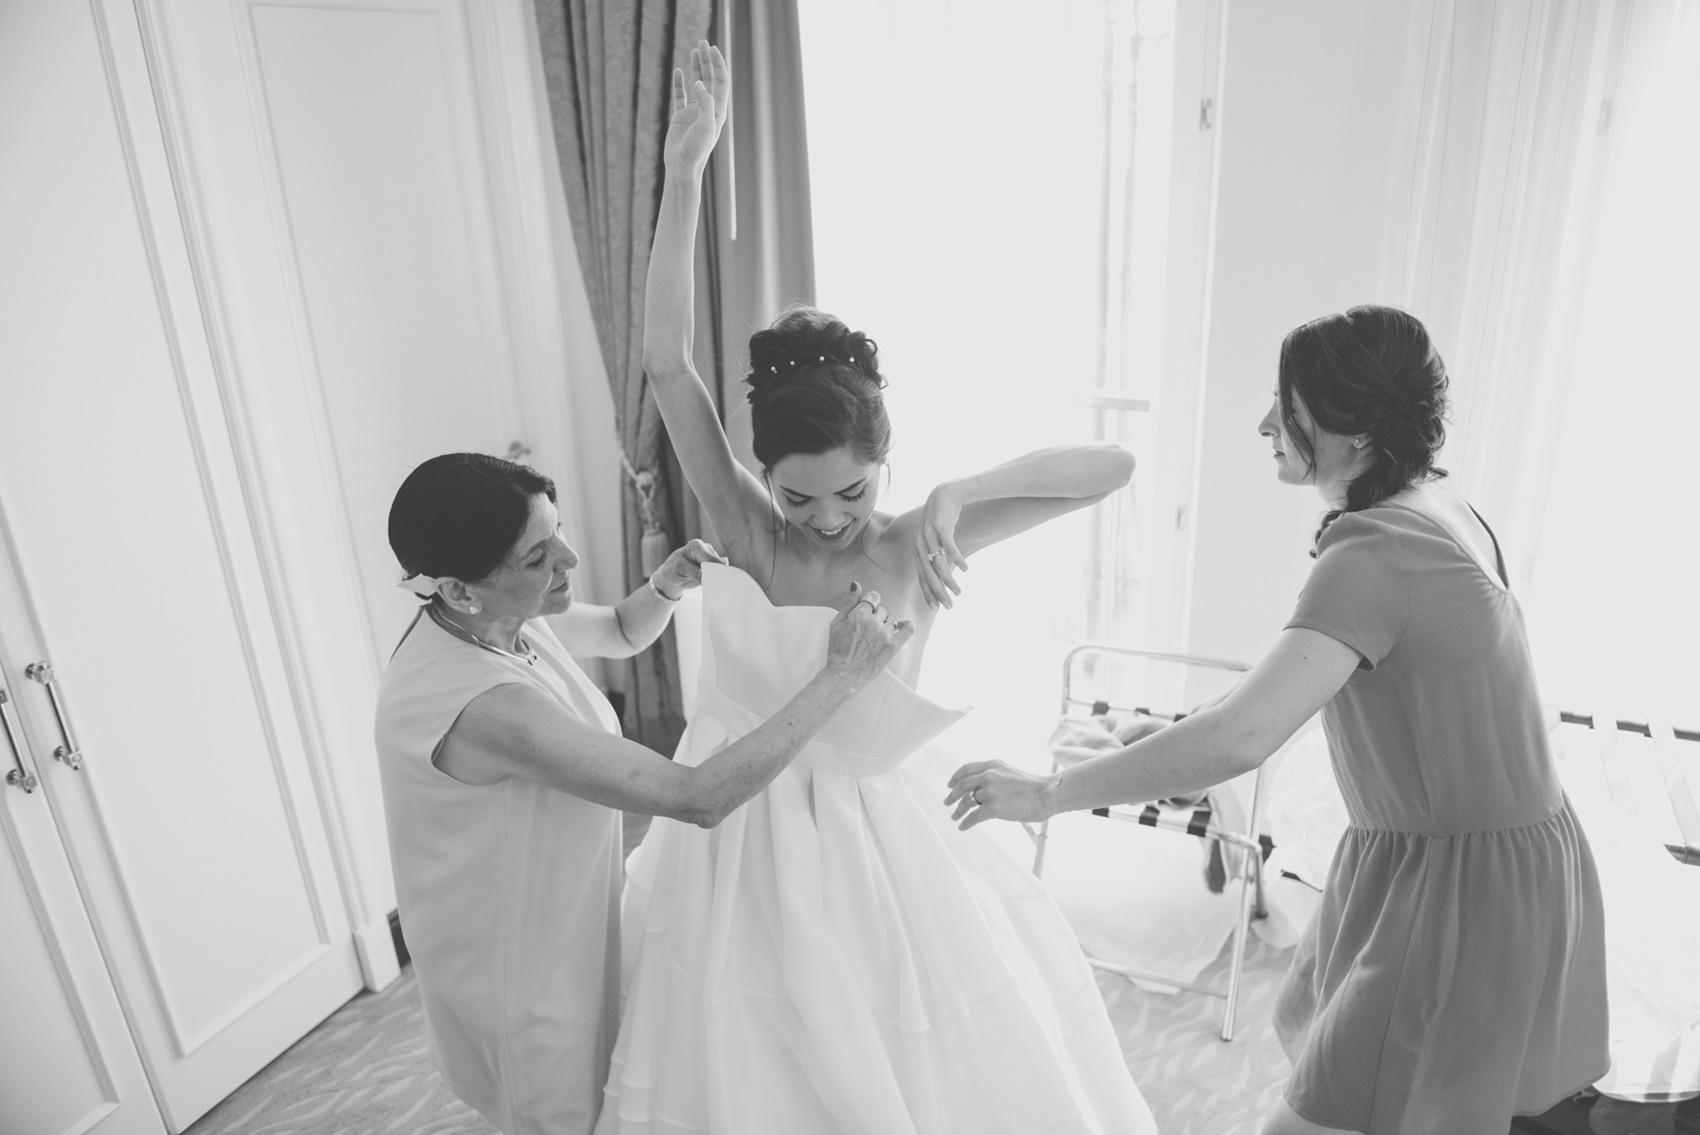 10 תמונות של רגעים מרגשים מחדר הכלה